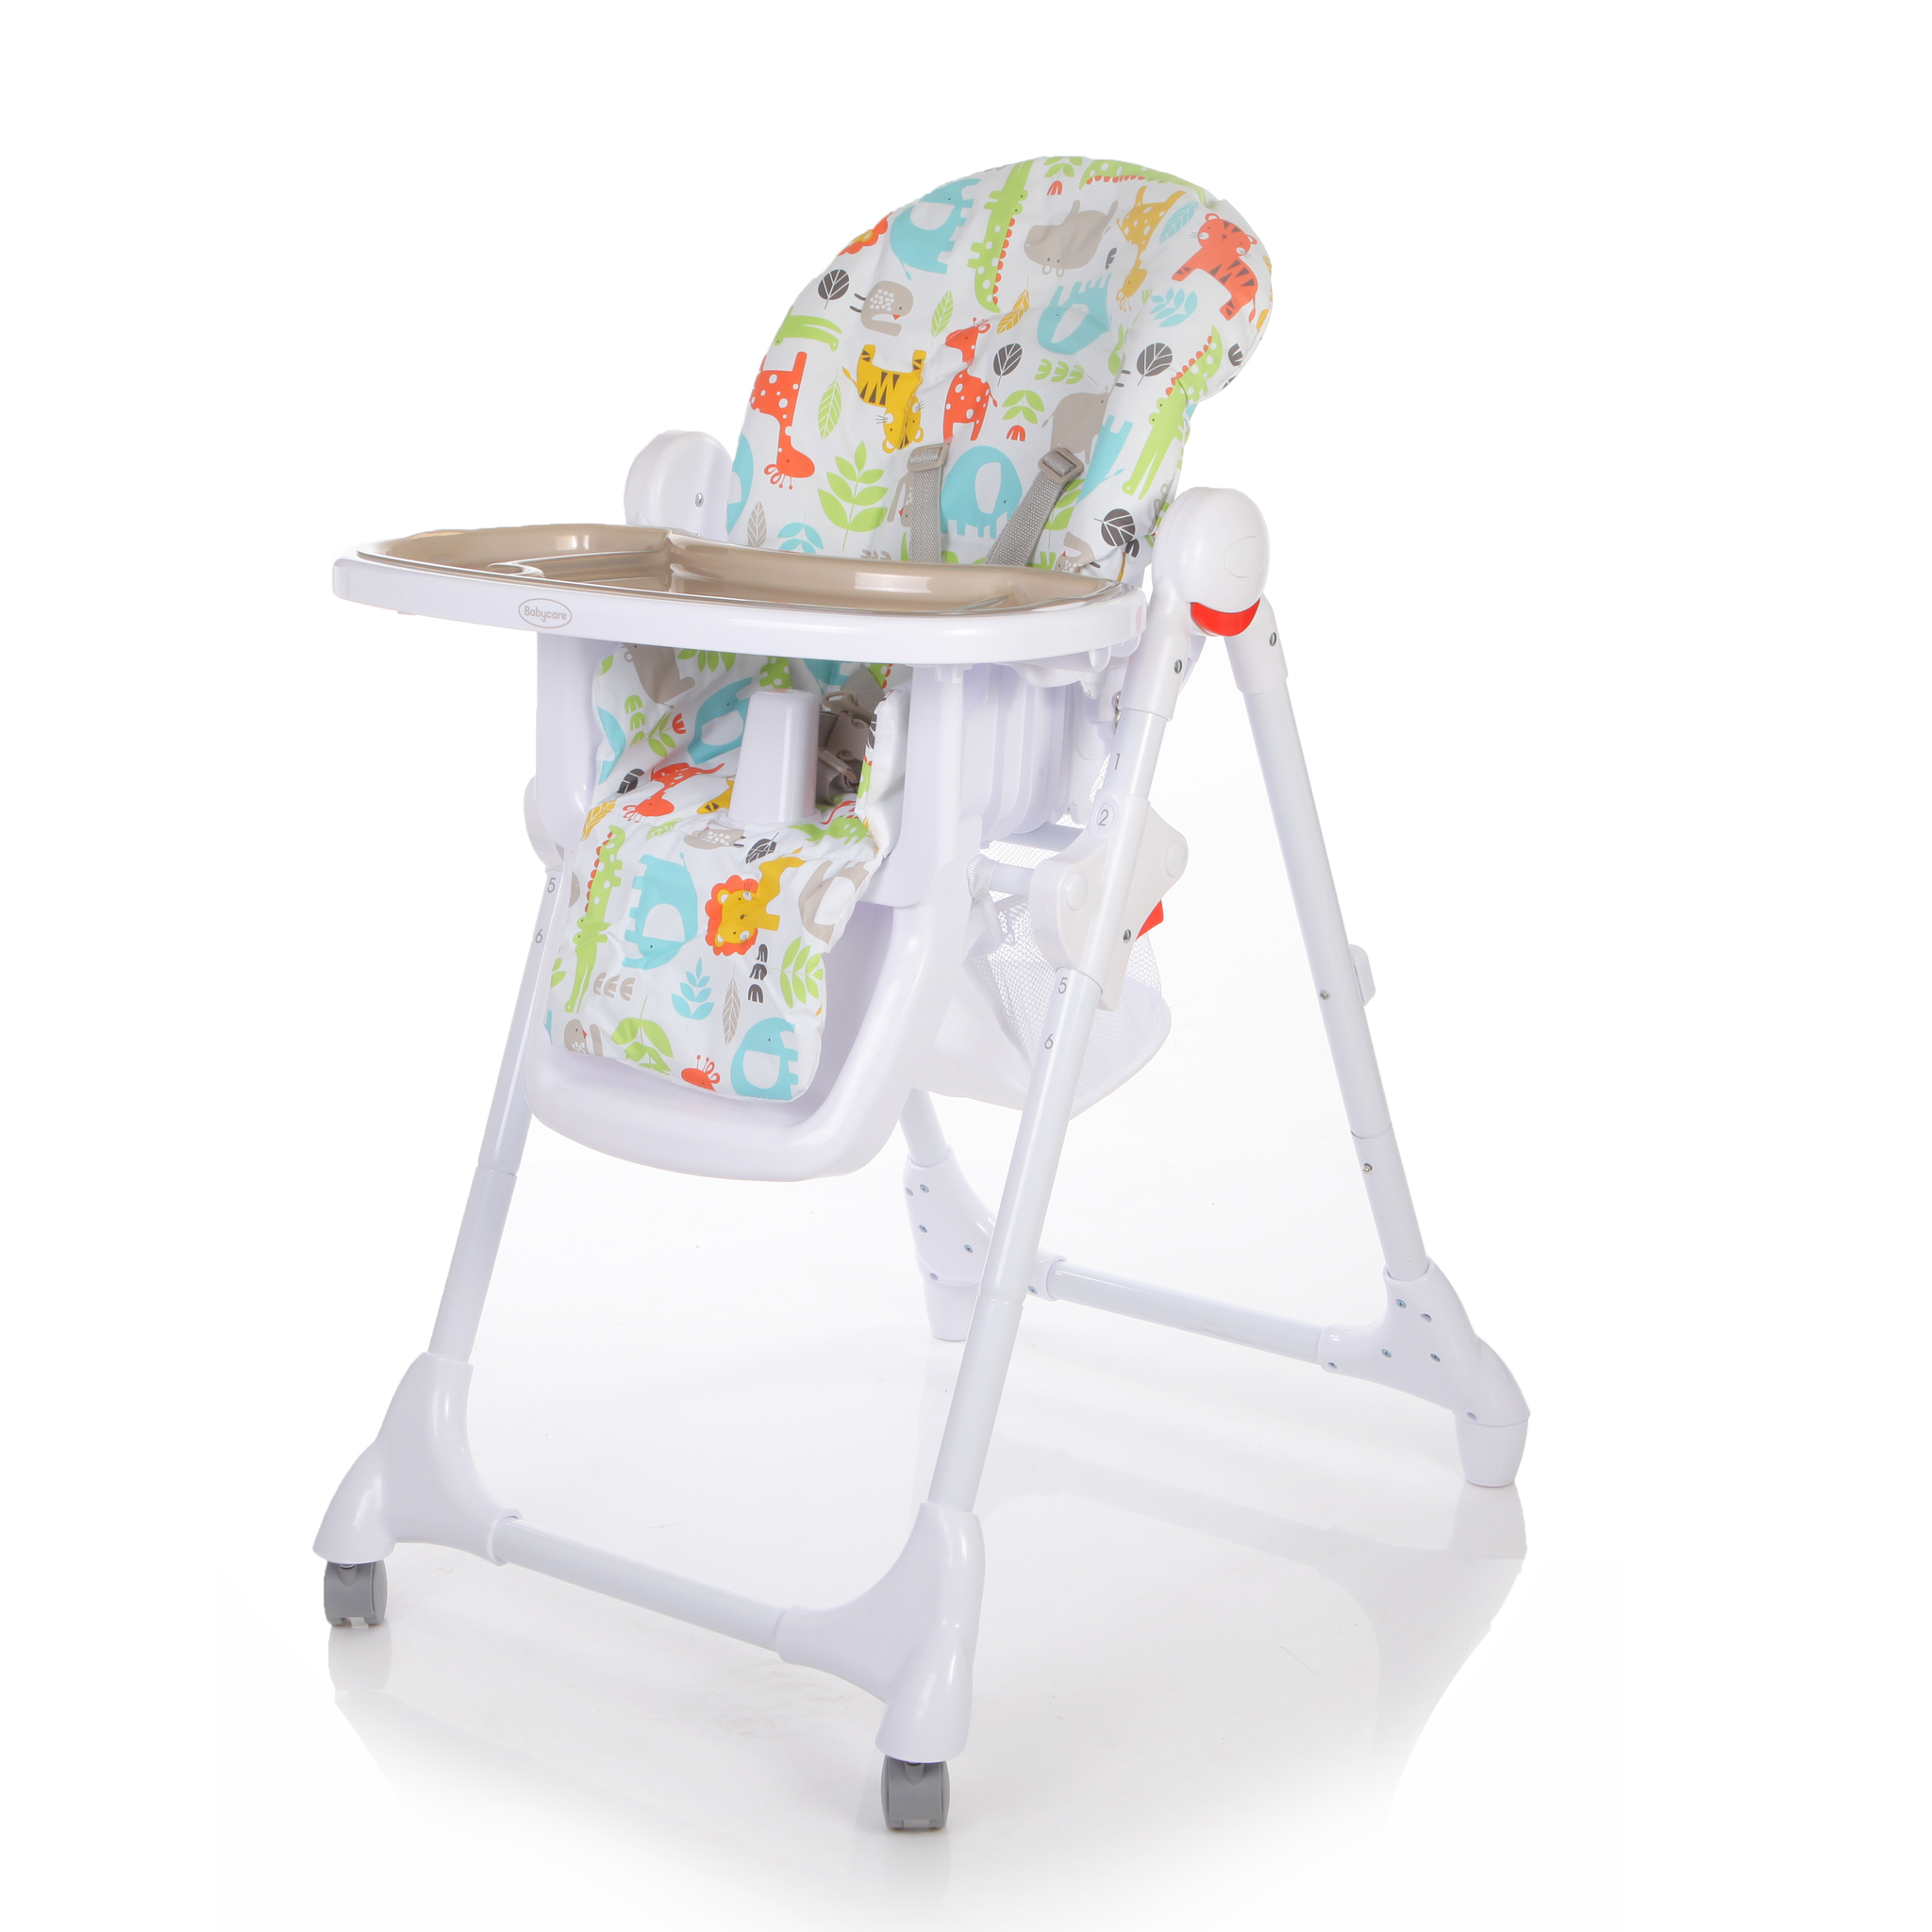 Купить Детский стульчик для кормления Baby Care – Fiesta, серый